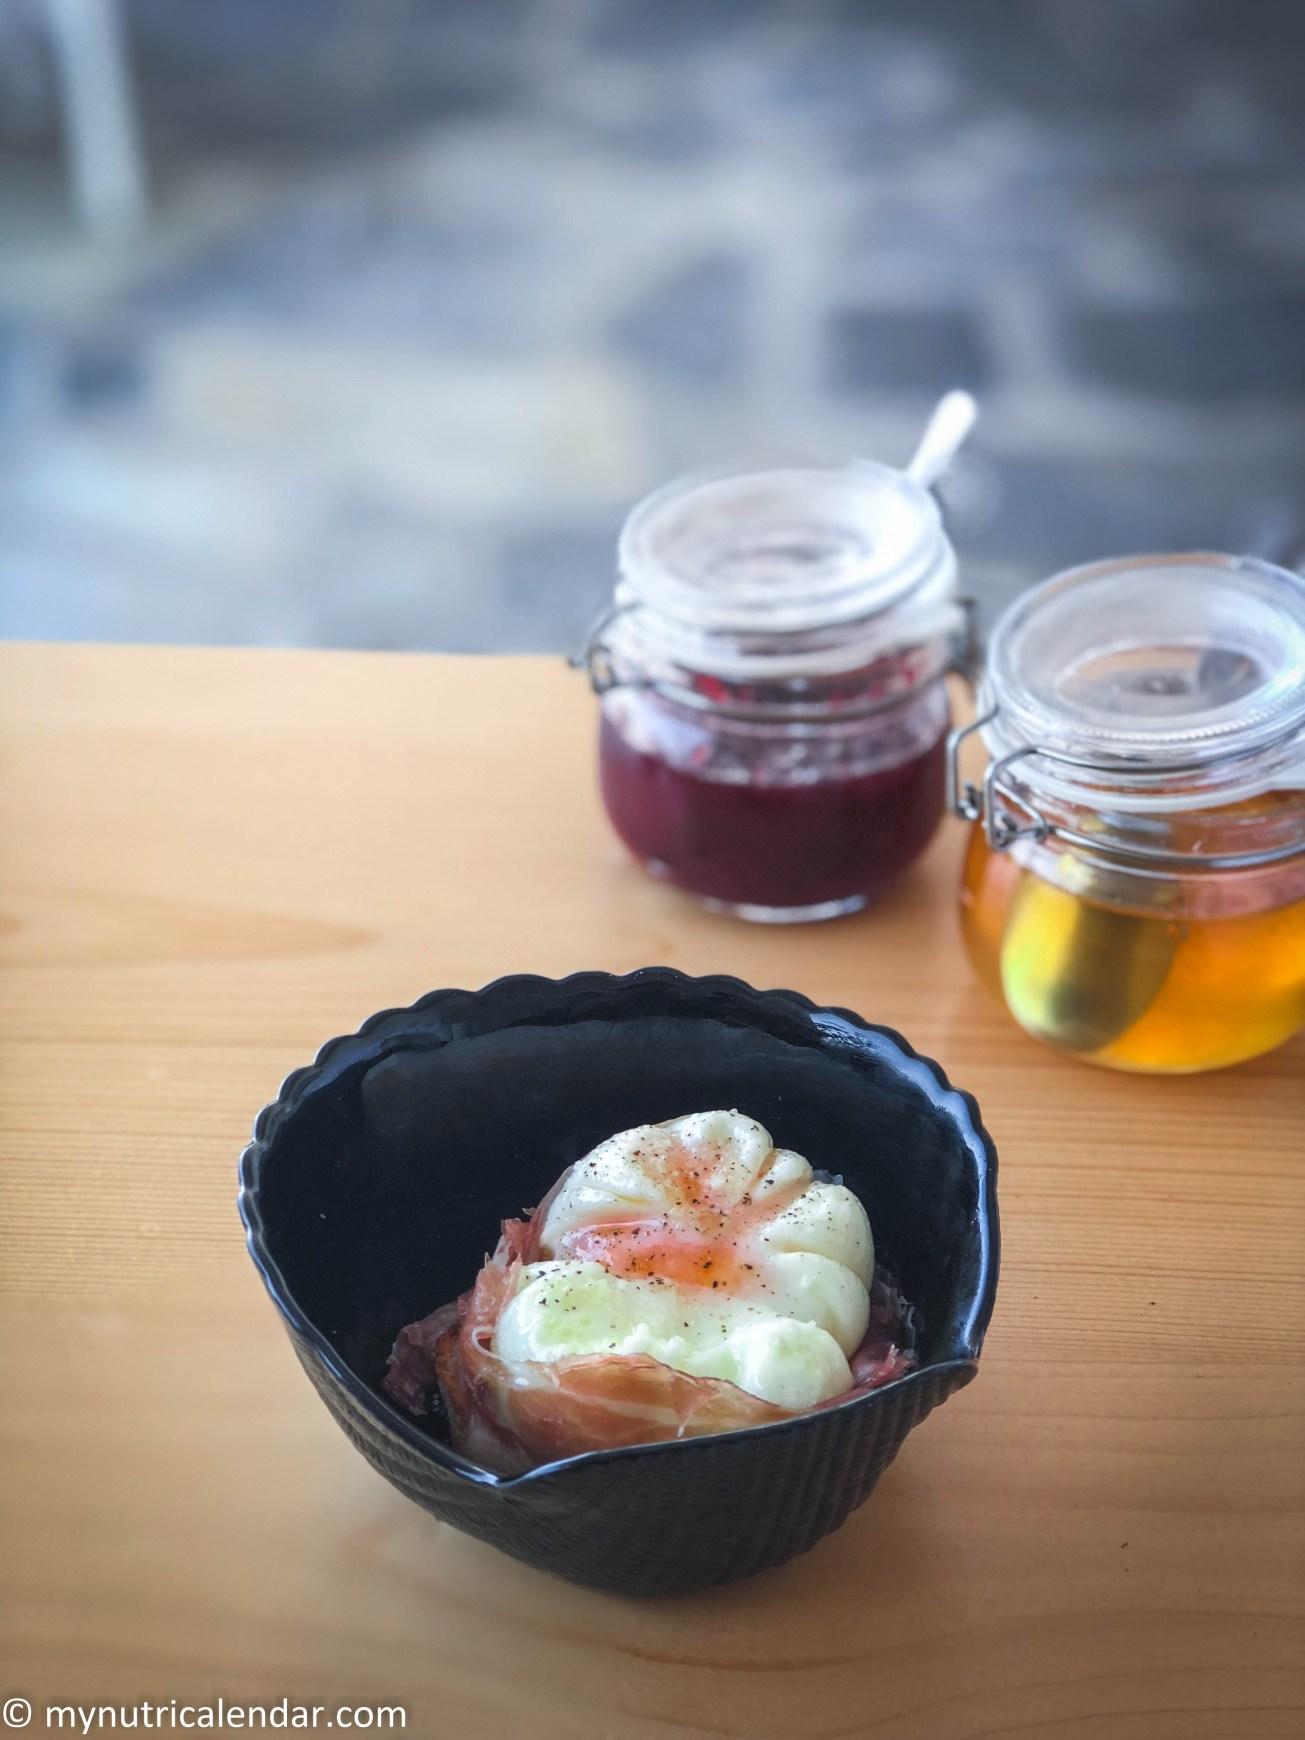 αυγό ποσέ Τήνος πρωινός μπουφές poached egg breakfast buffet Tinos Greece